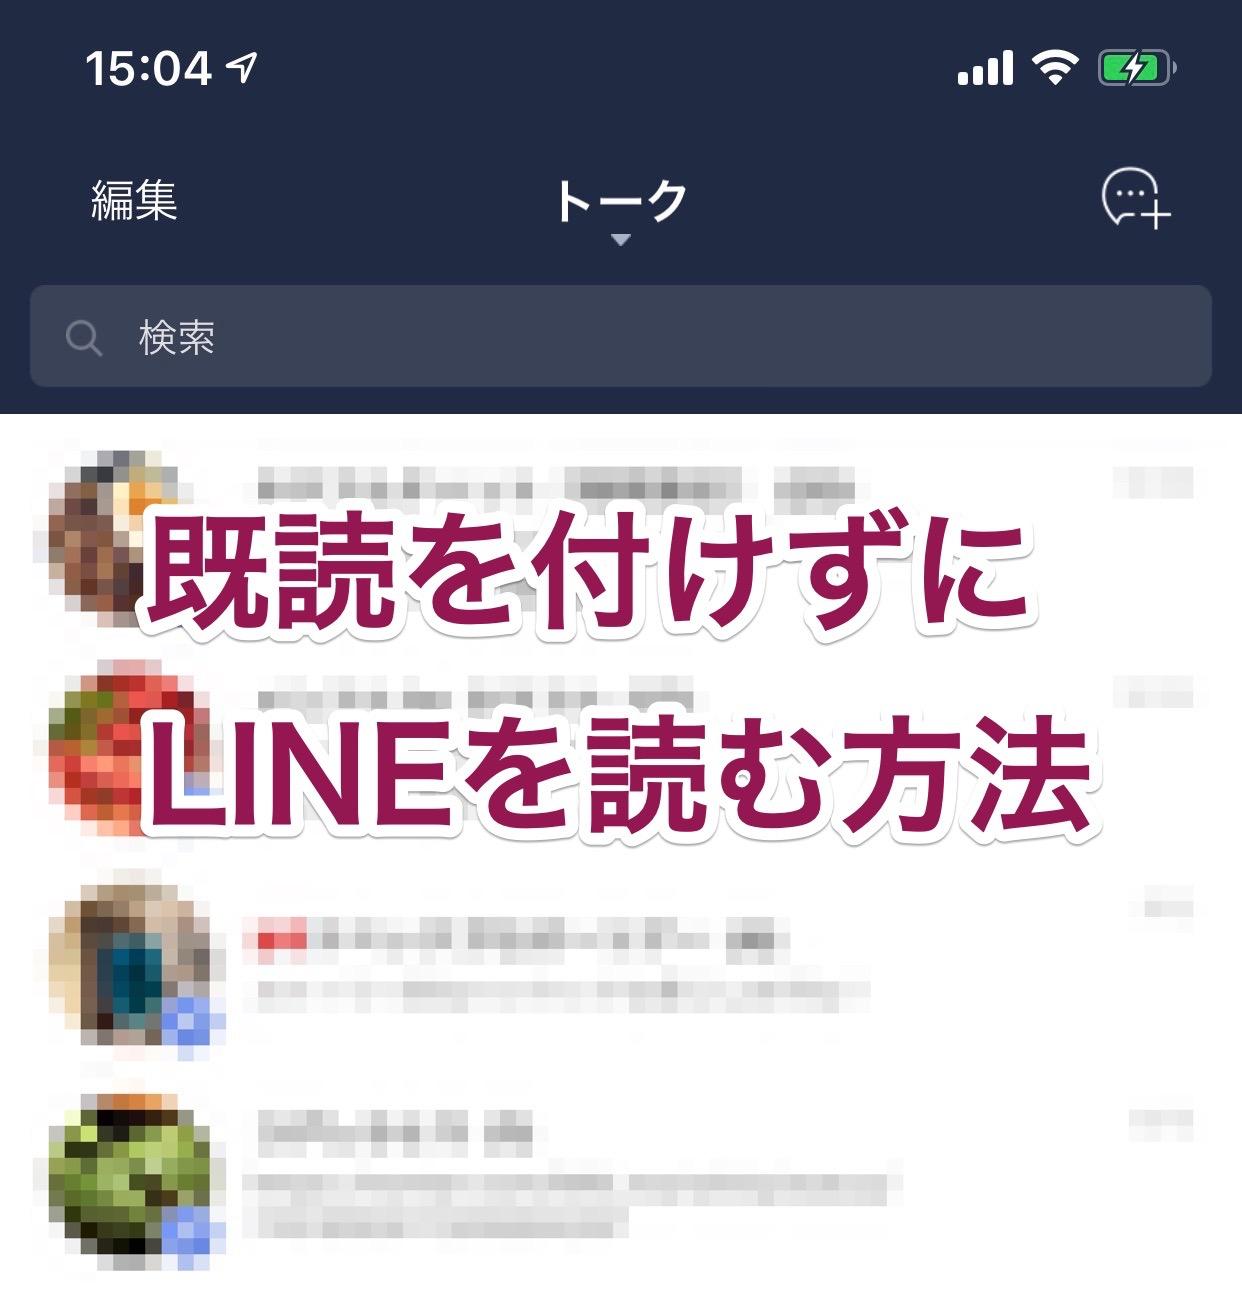 【iPhone 11】既読を付けずにLINEを読む方法